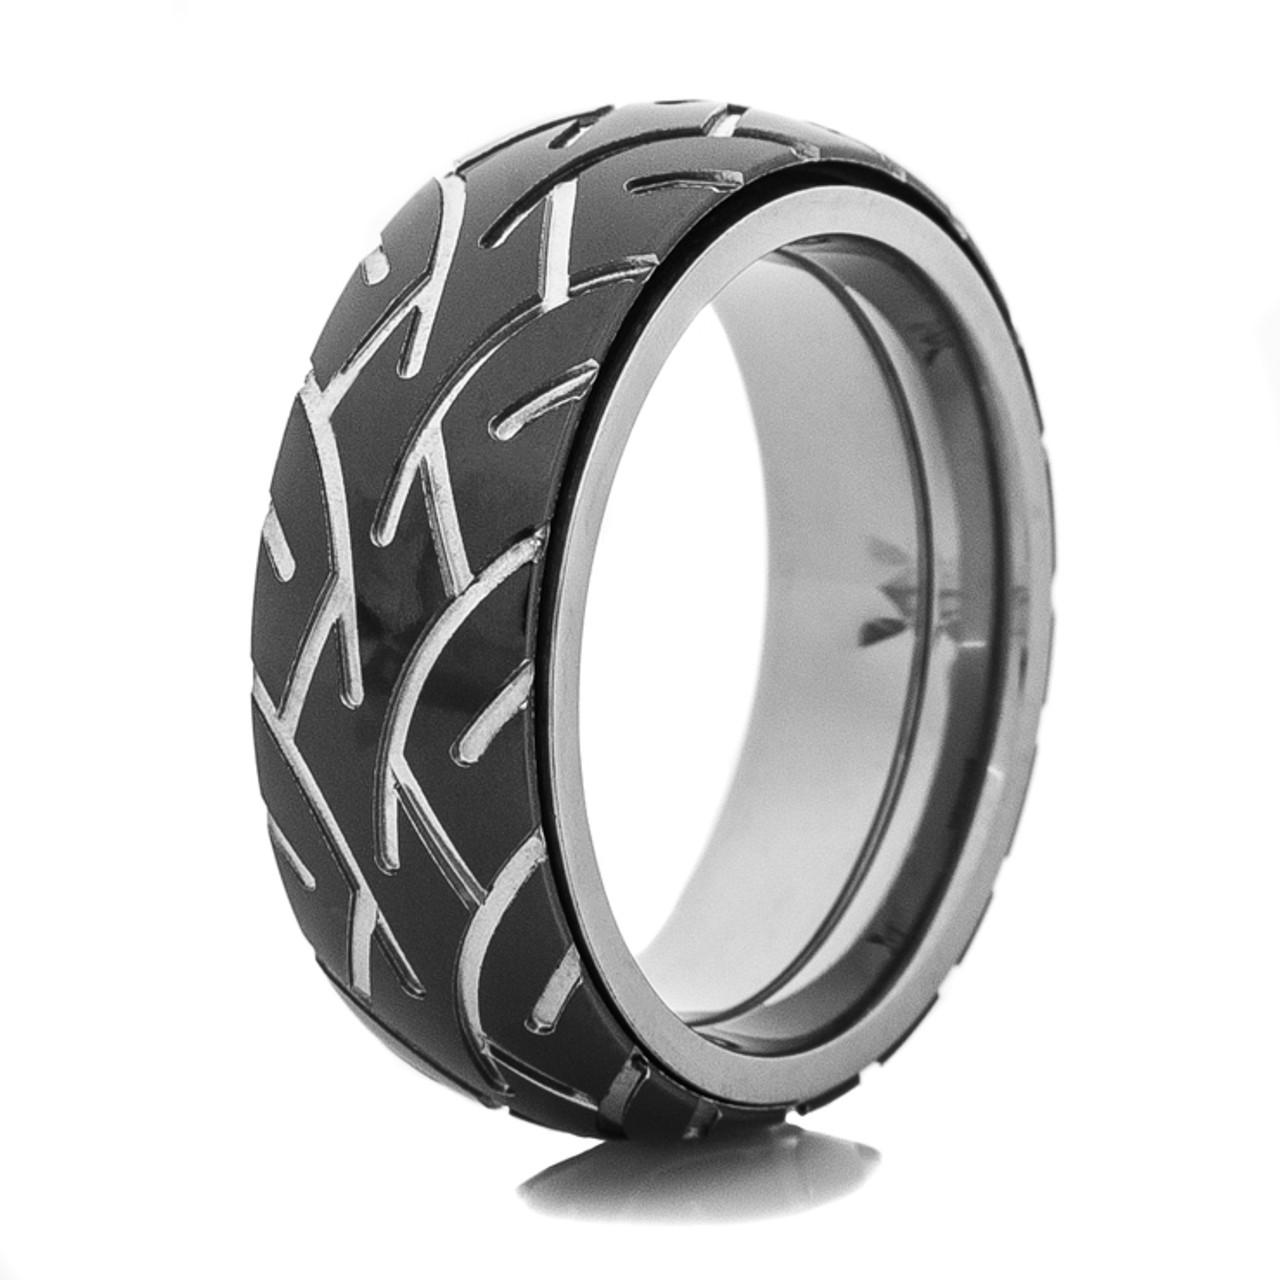 Spinner Black Zirconium Tread Ring